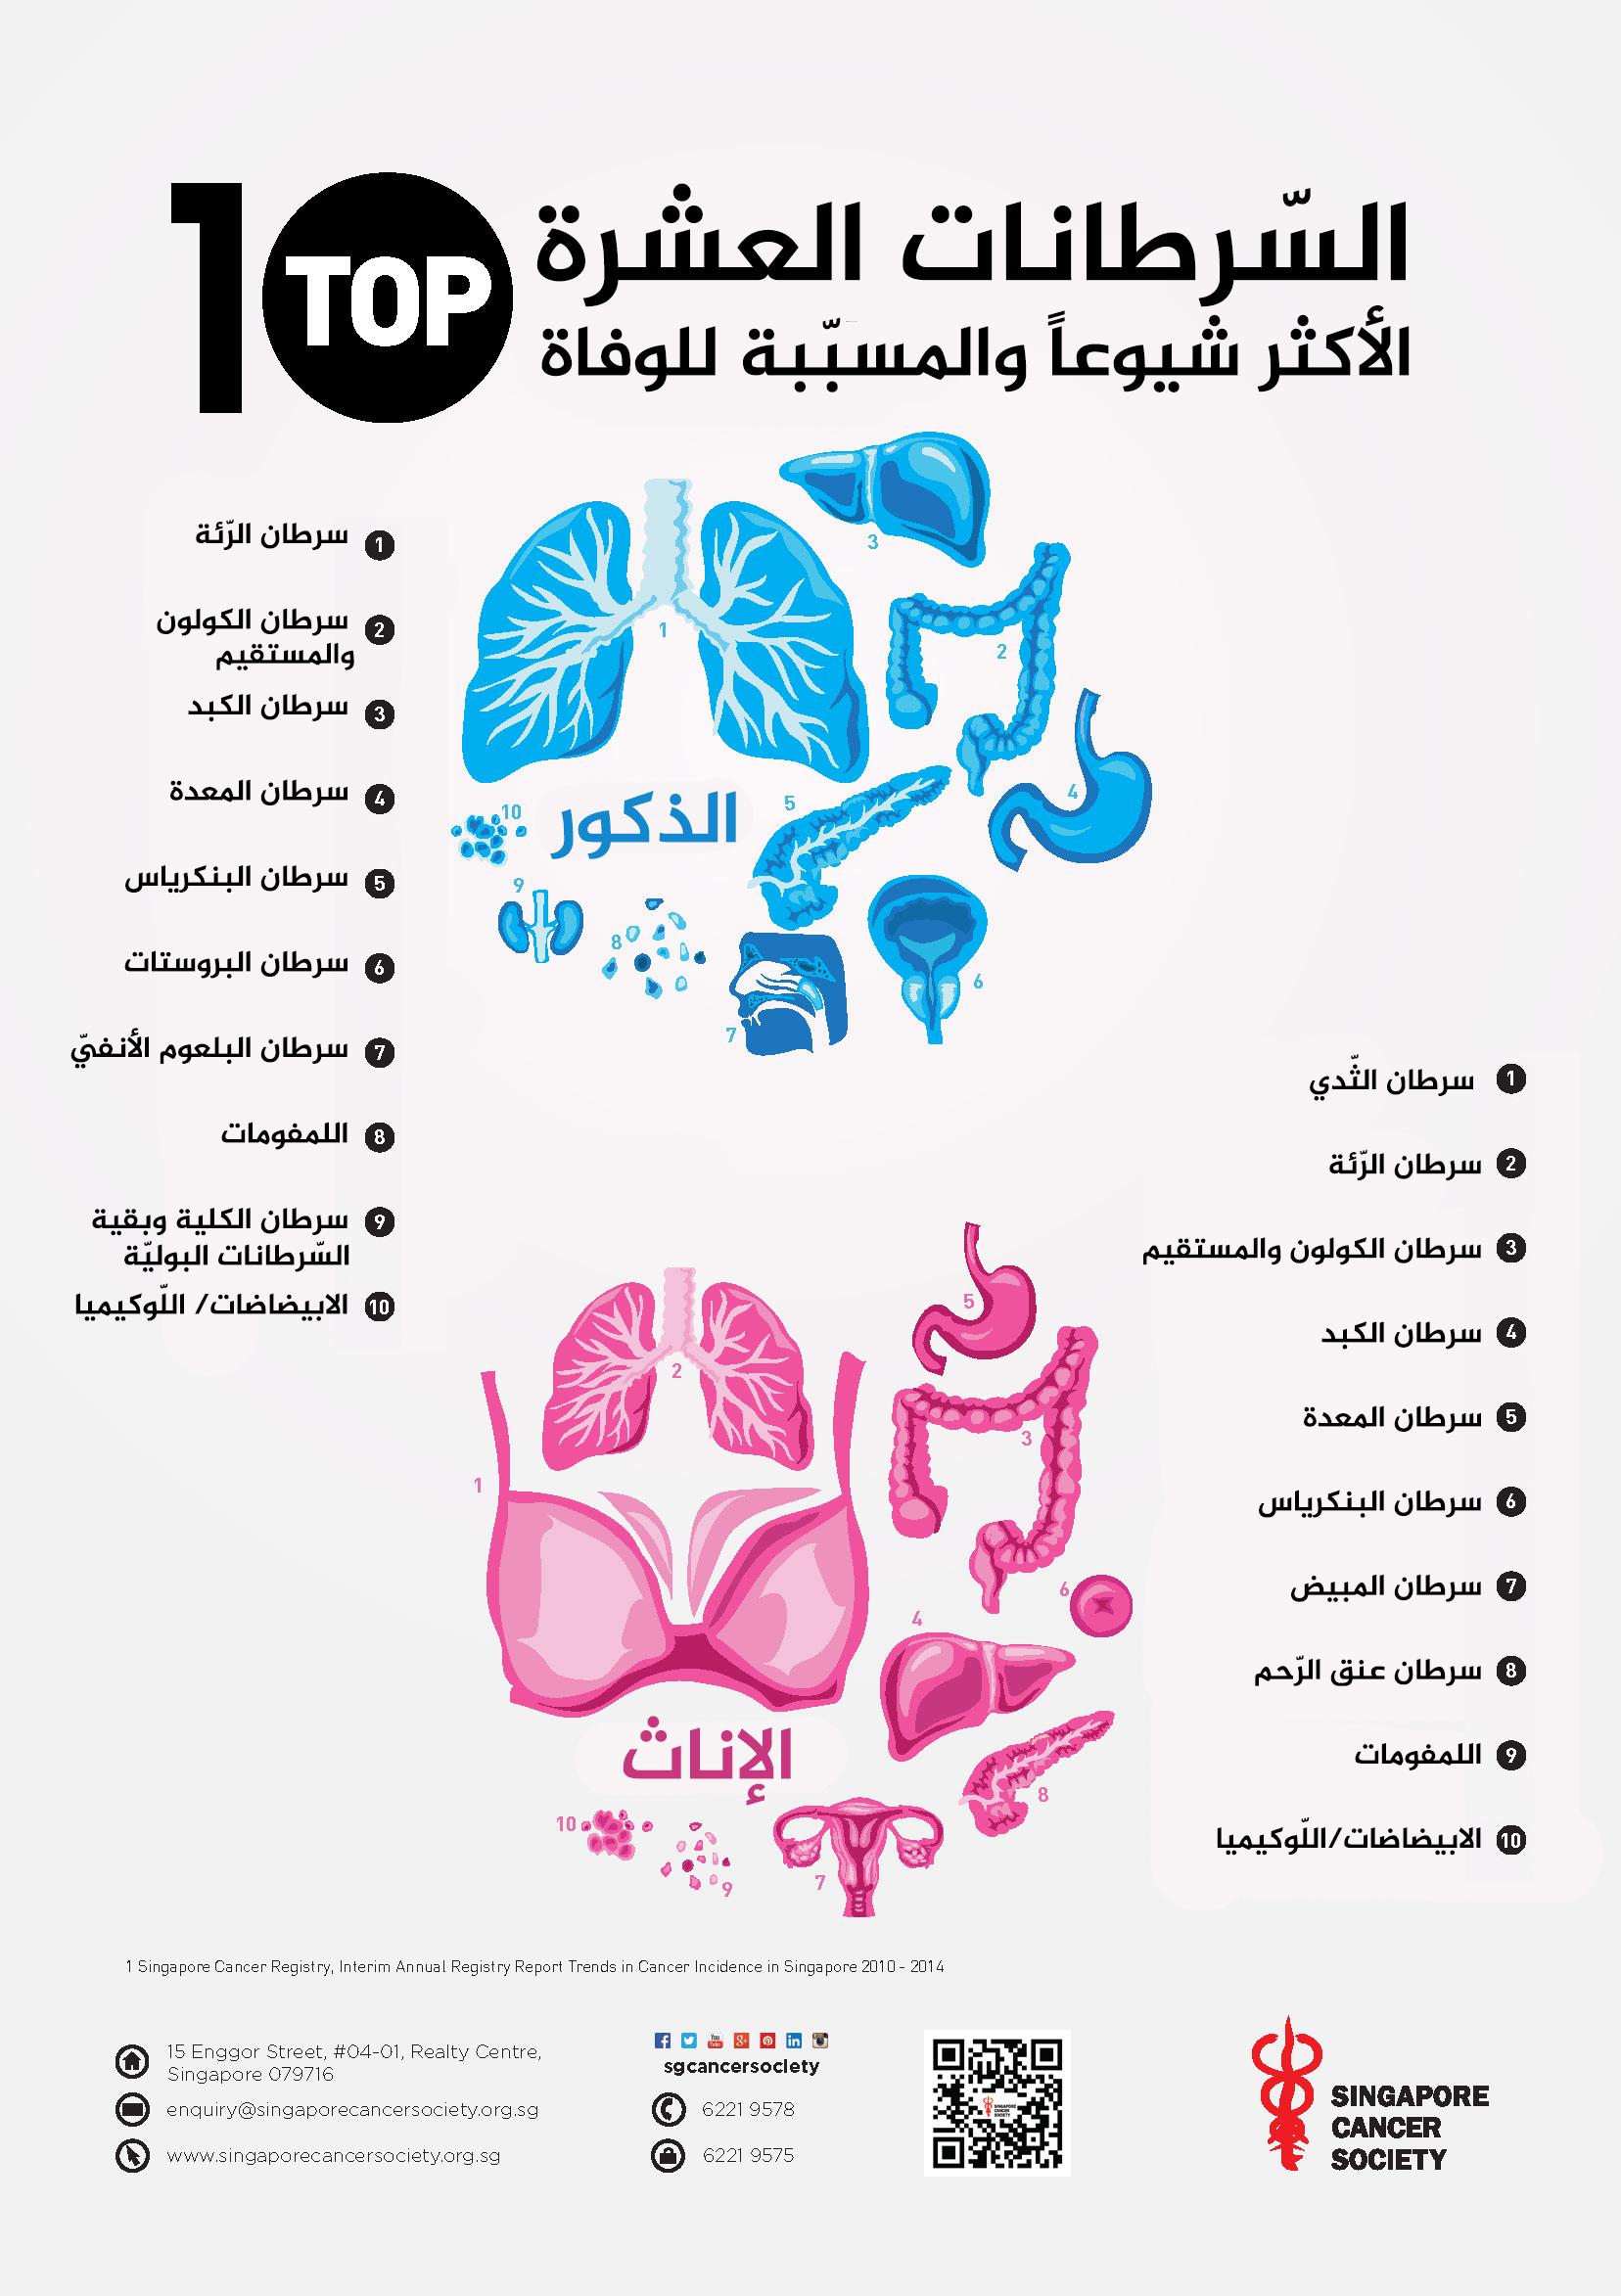 أشيع سرطانات مسببة للوفاة